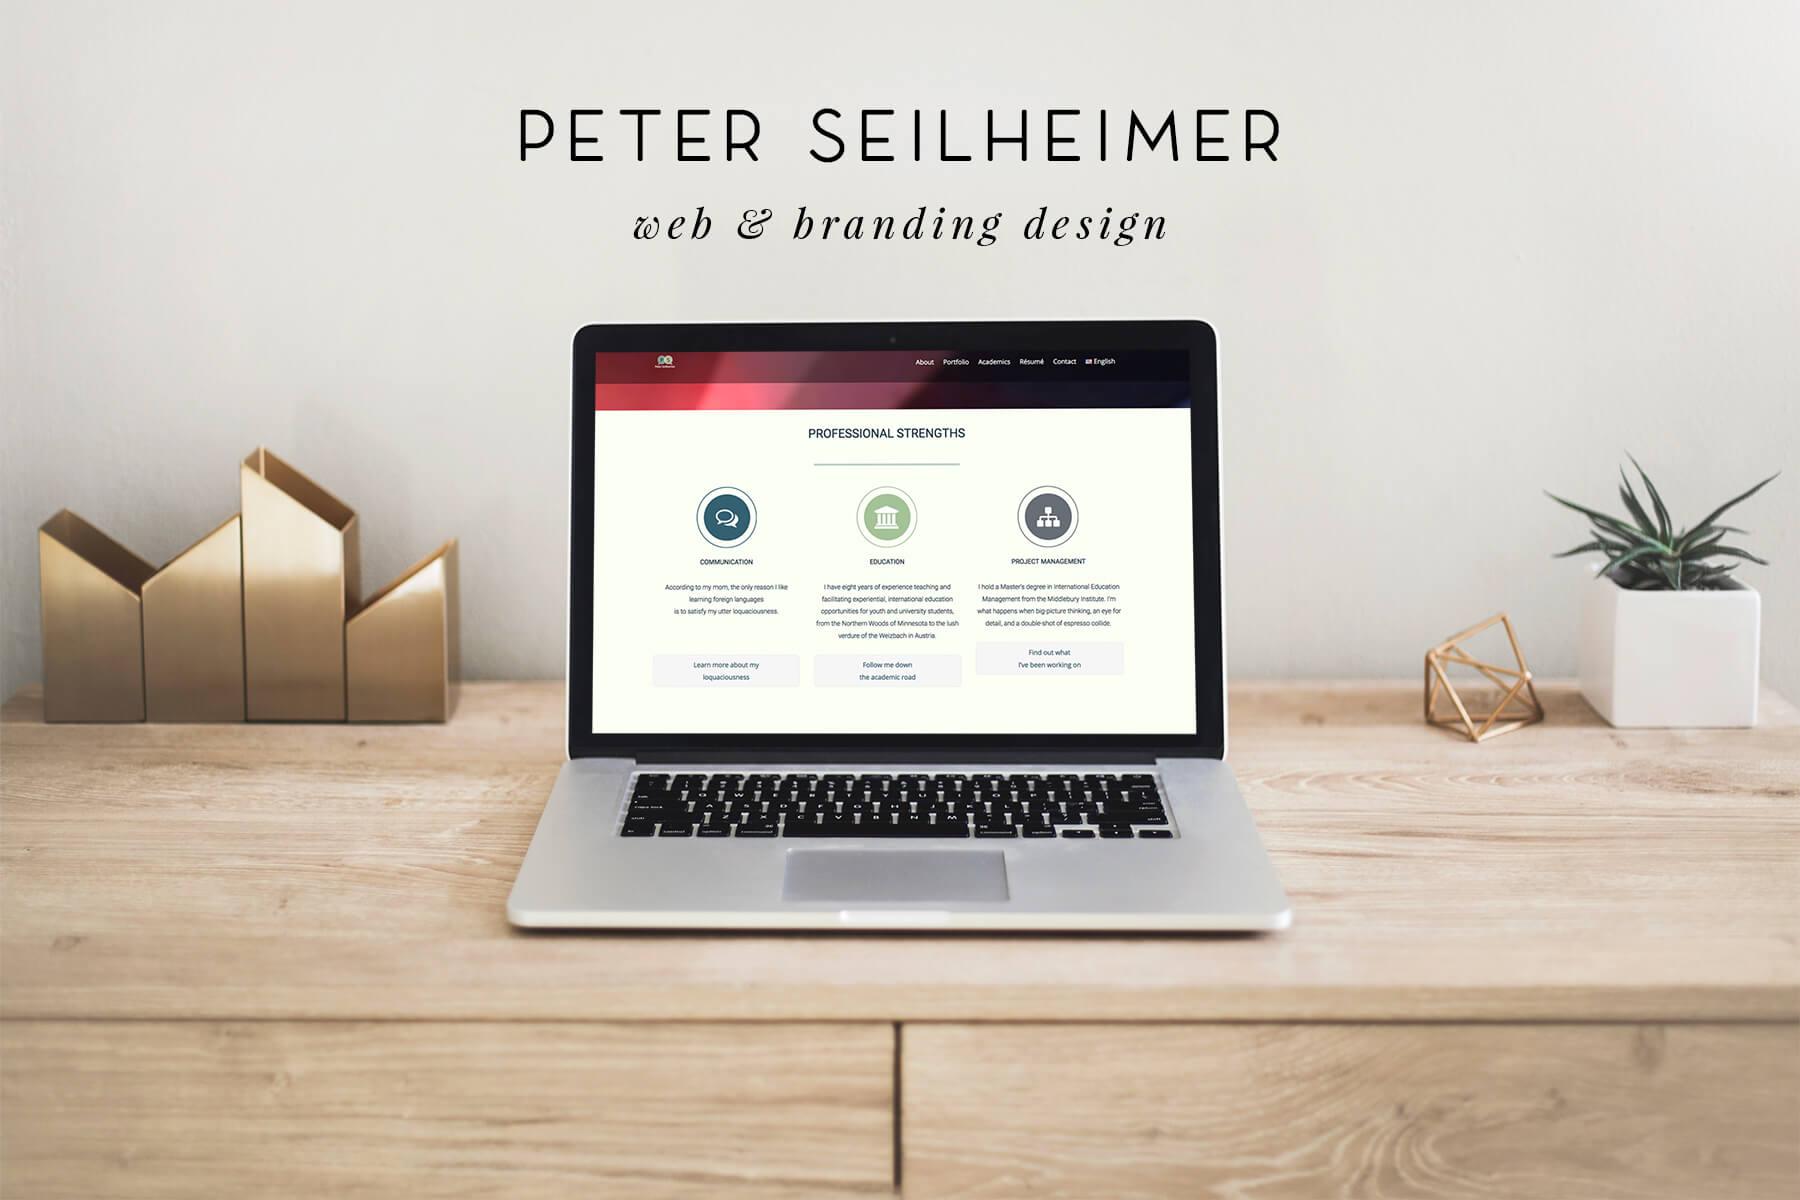 Peter Seilheimer